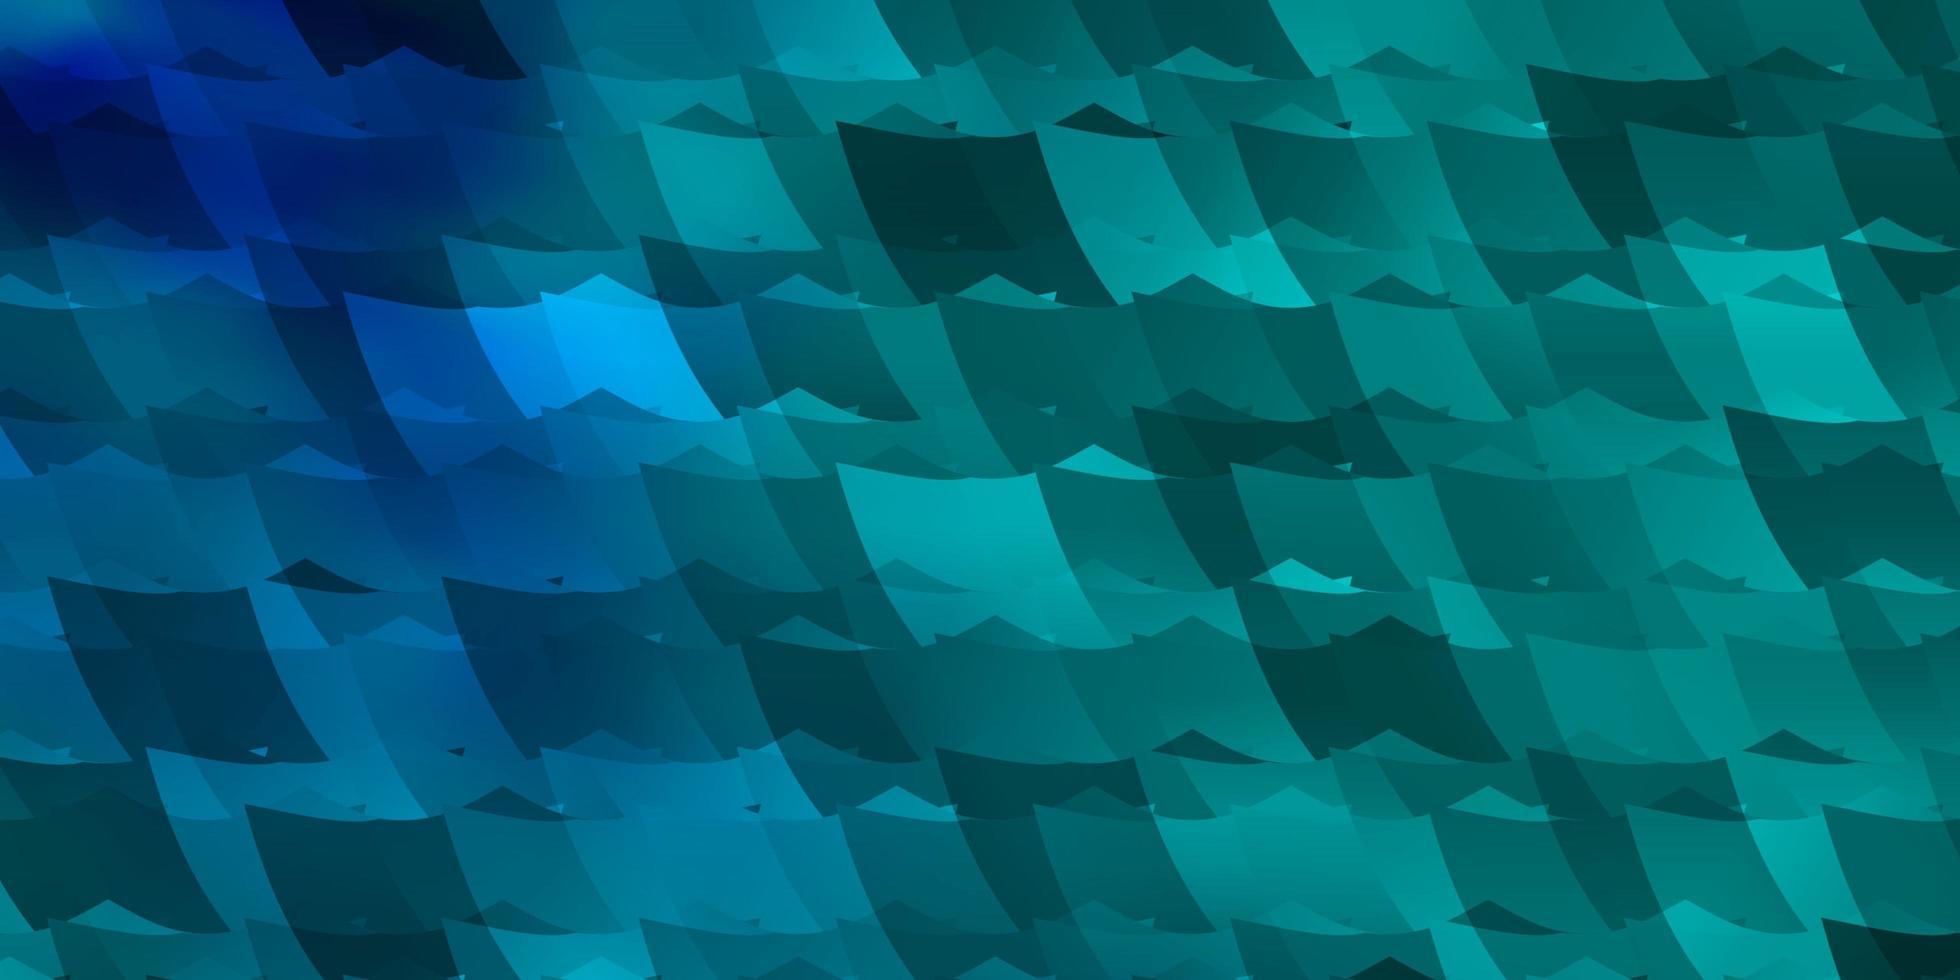 blauwe en groene achtergrond met vormen. vector